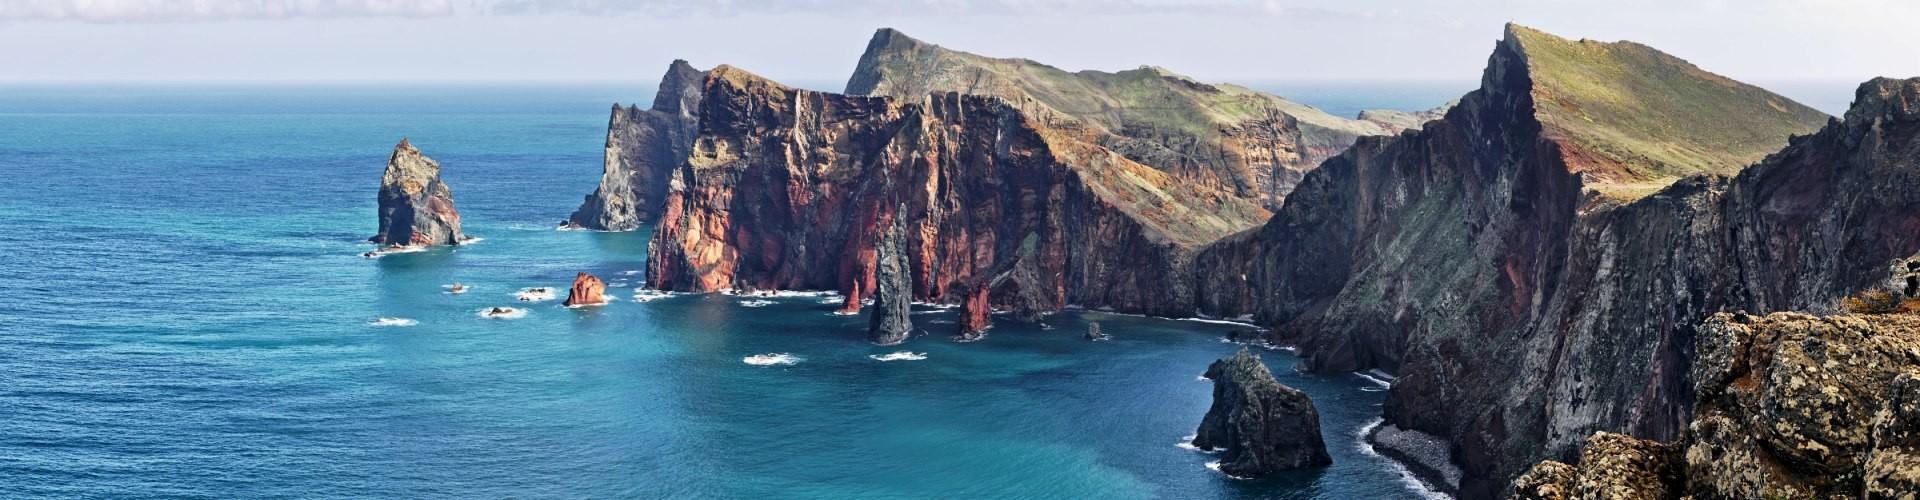 Geologia da Ilha da Madeira